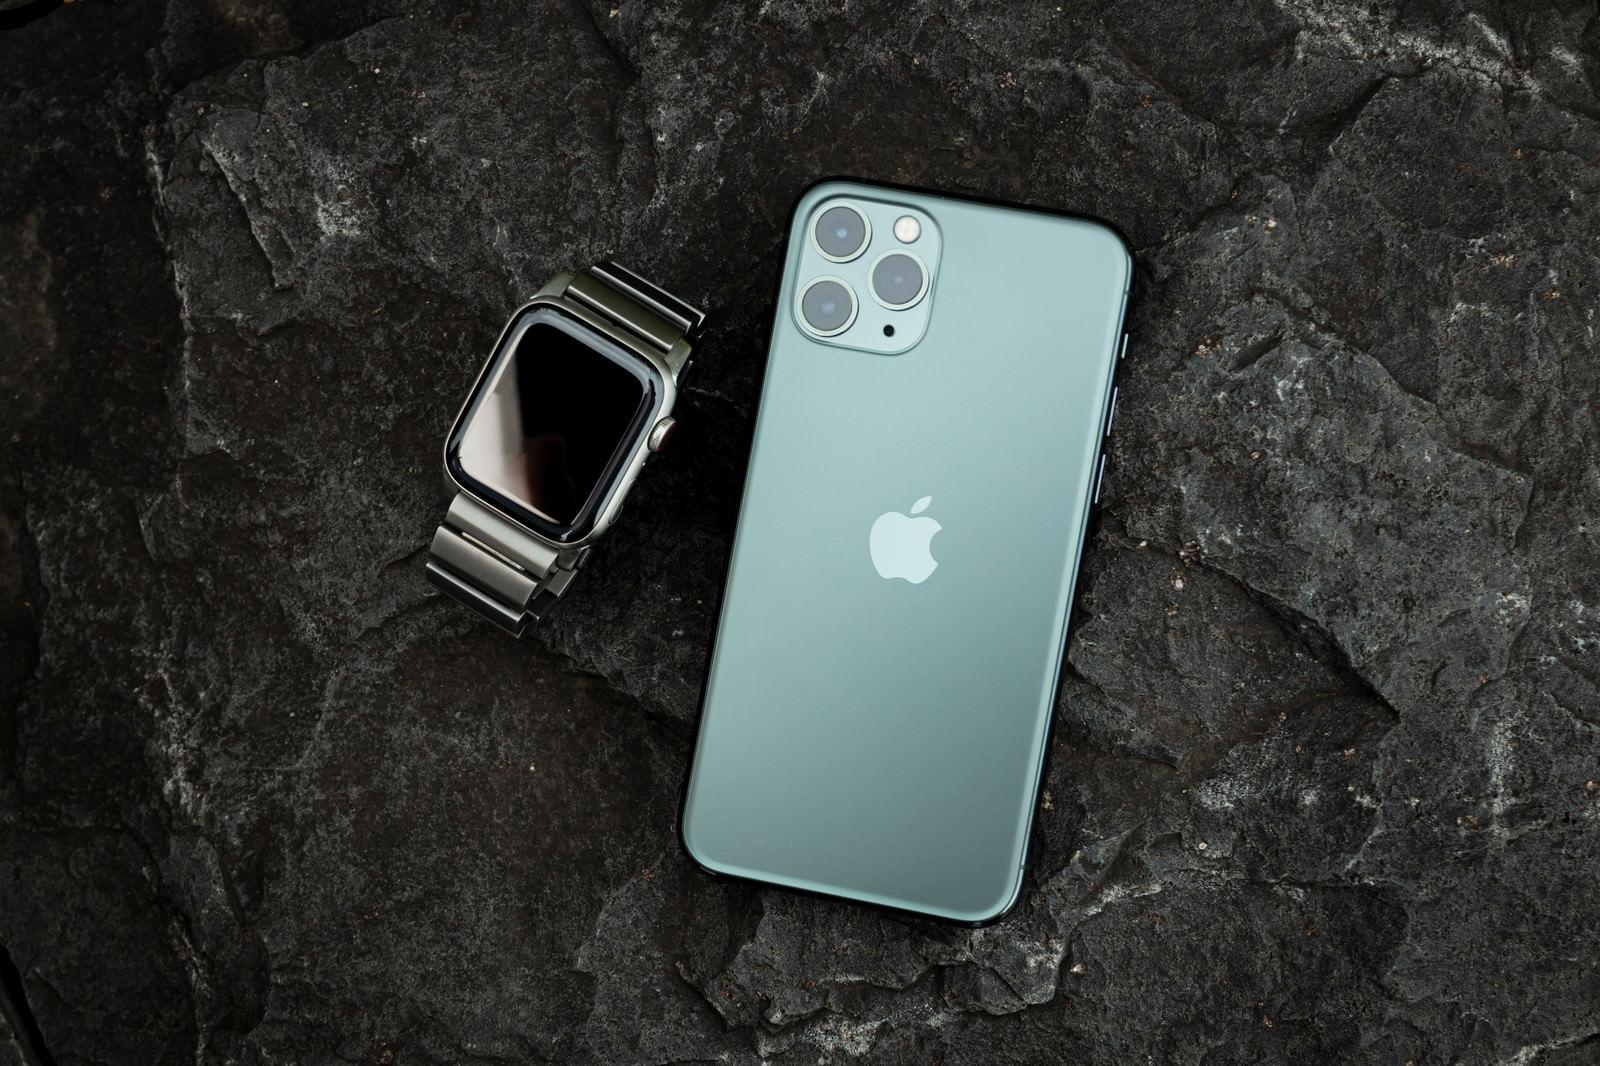 「iPhone 11 Pro(ミッドナイトグリーン)とApple Watch」の写真